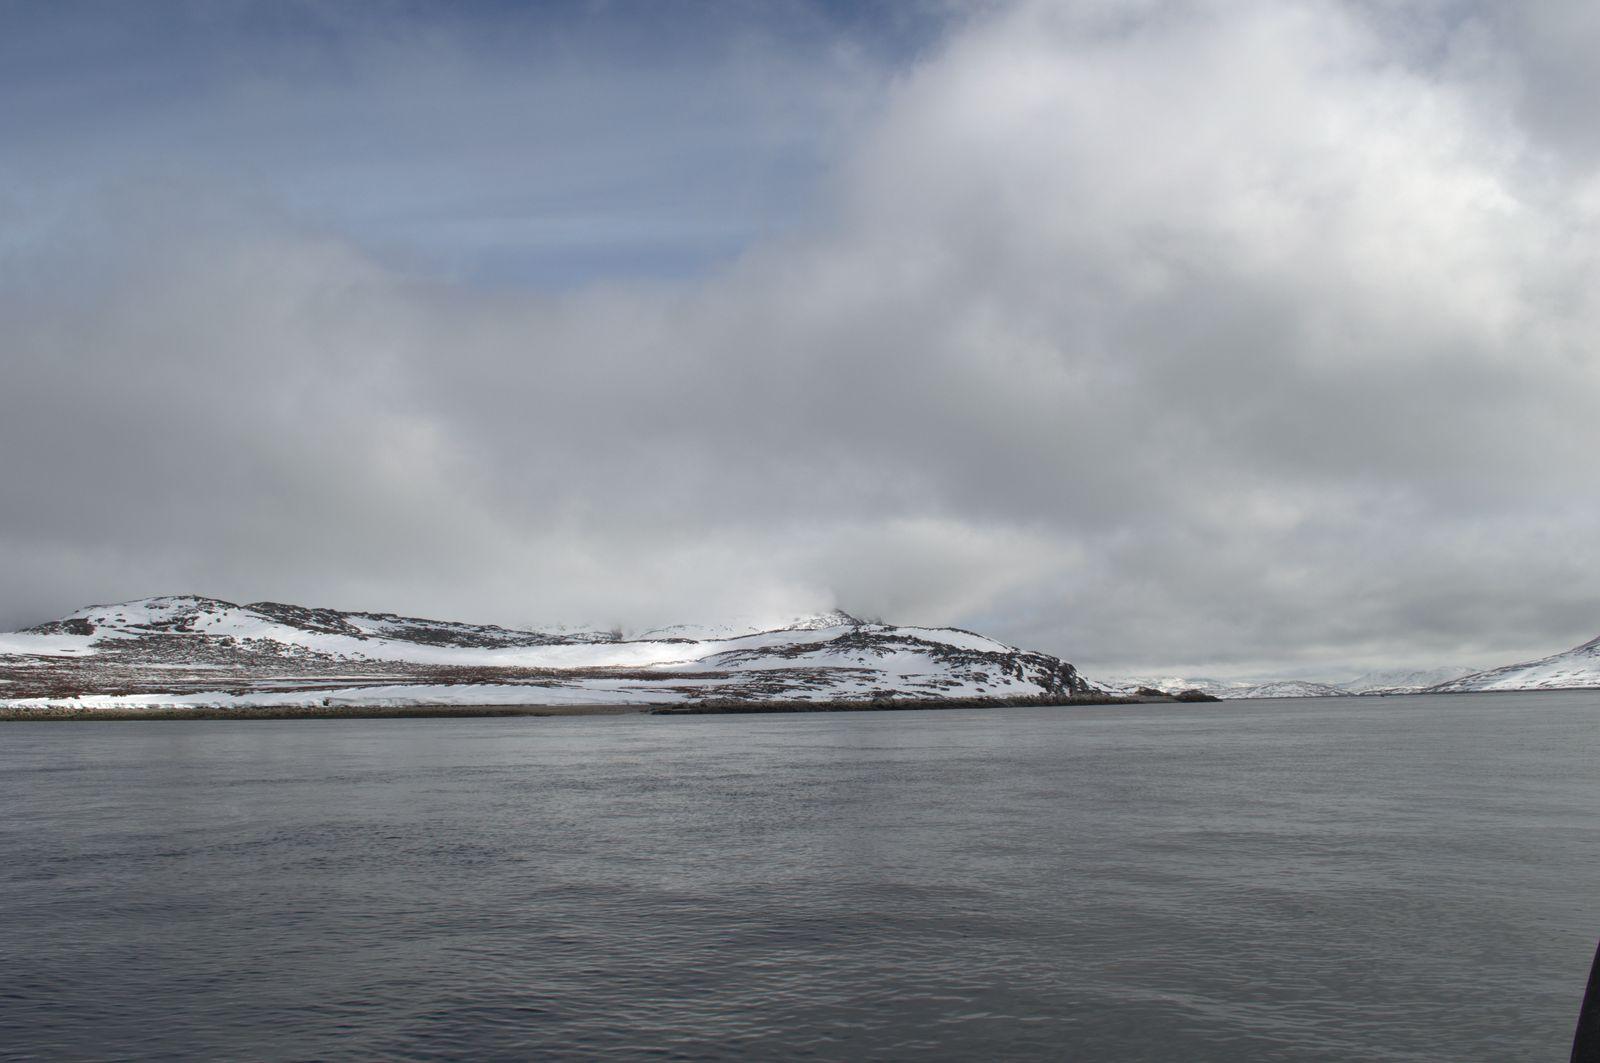 2014-05-16-1543_-_Gode_1_Timelapse-Nuuk-Buksefjord